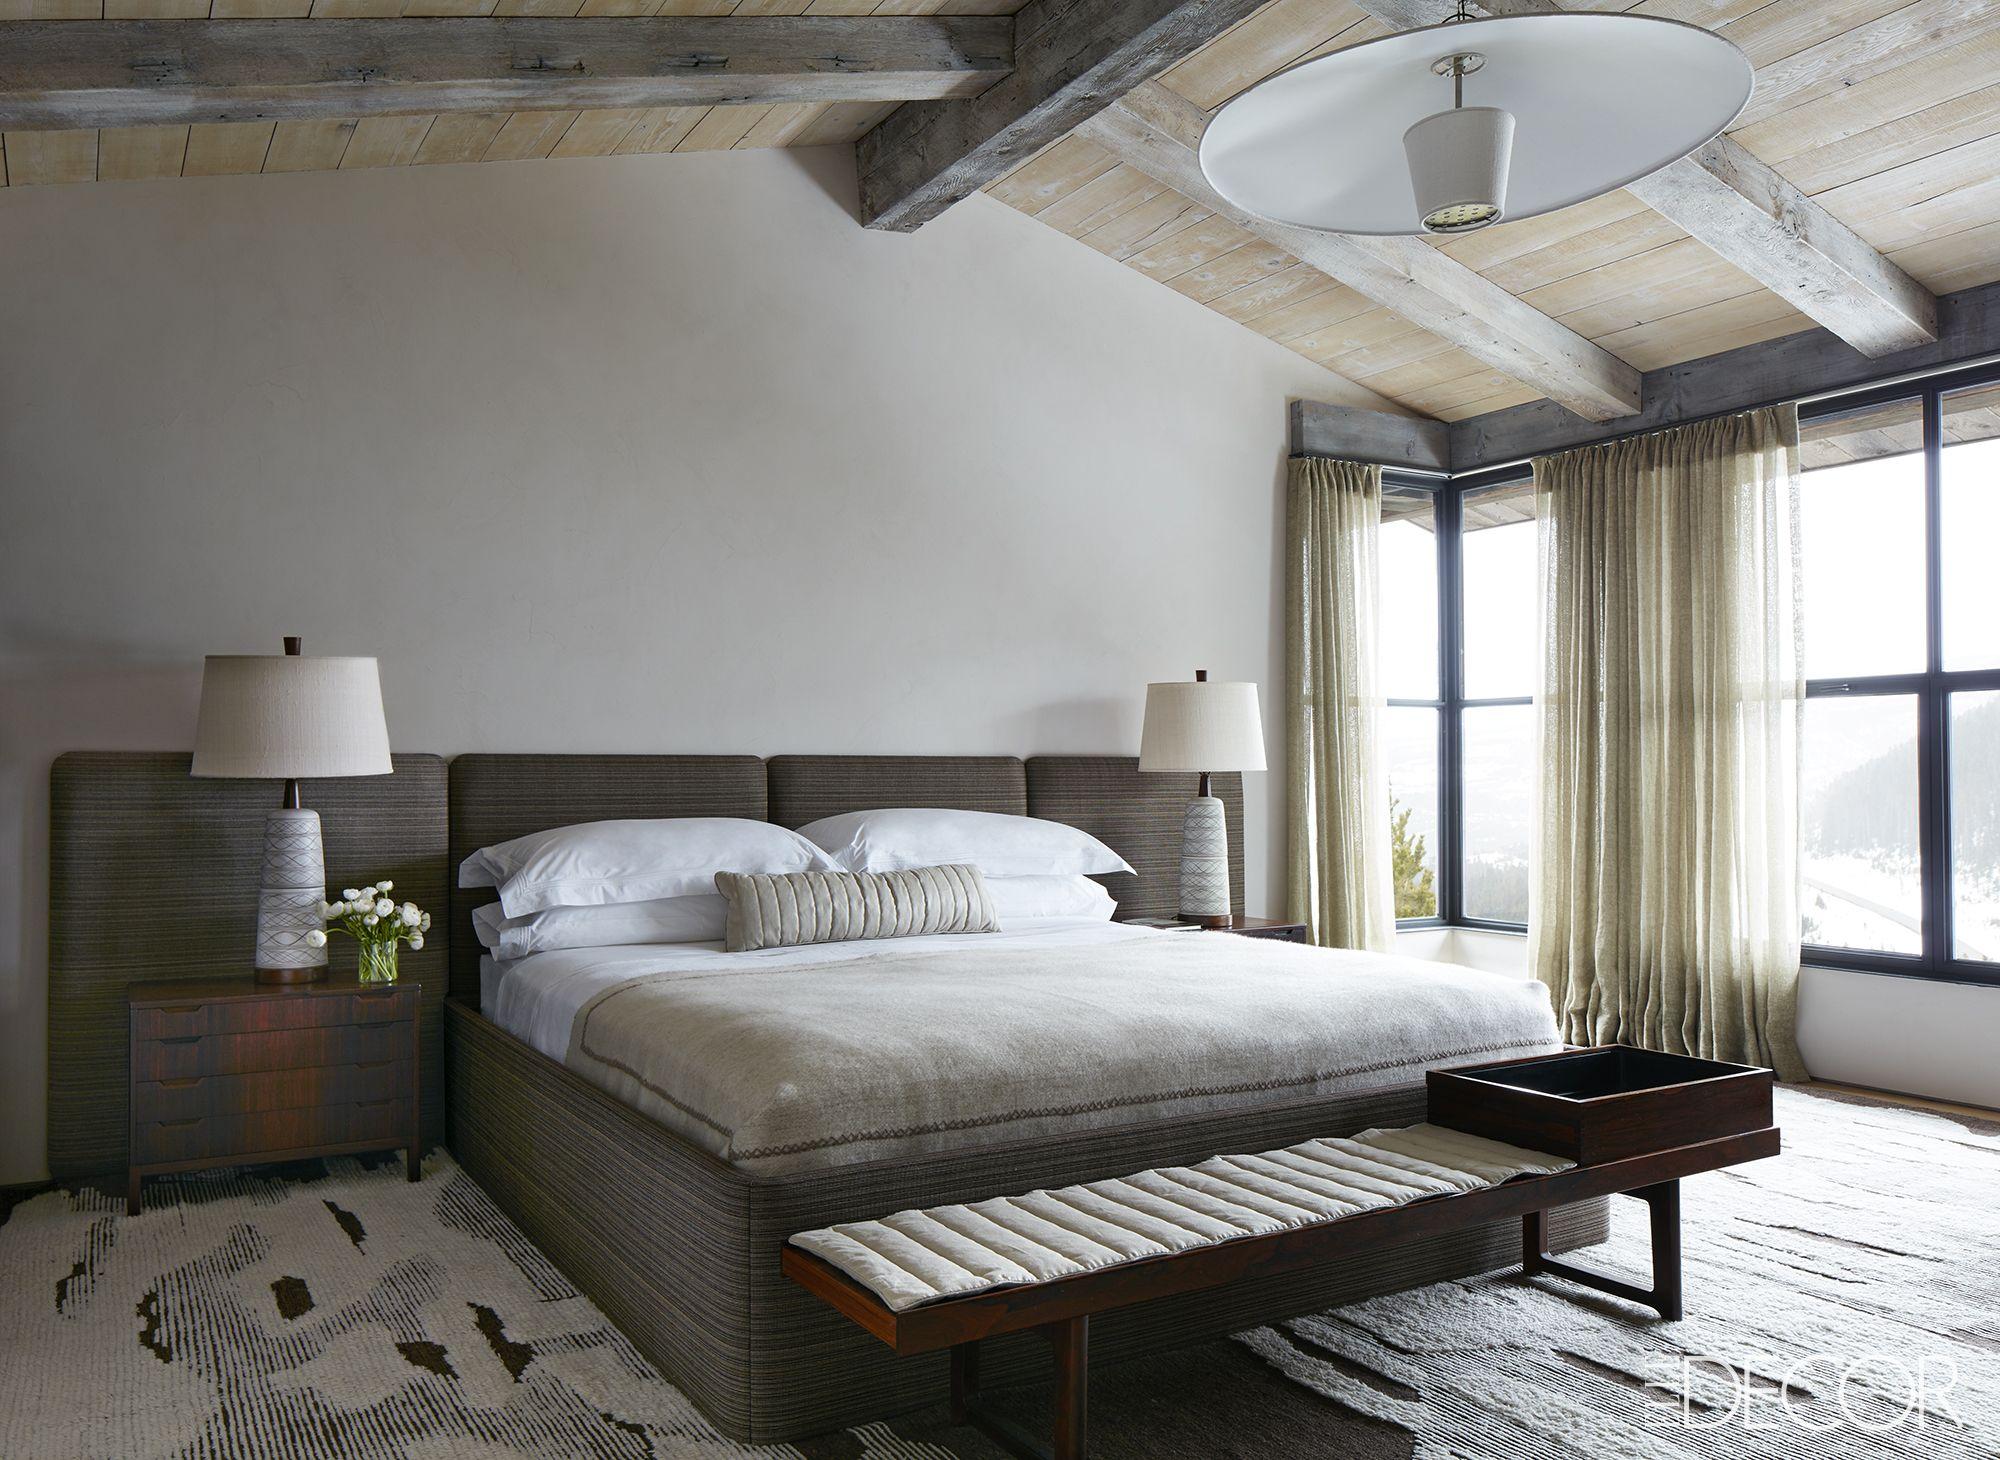 Rustic modern master bedroom in Montana ski chalet on Hello Lovely